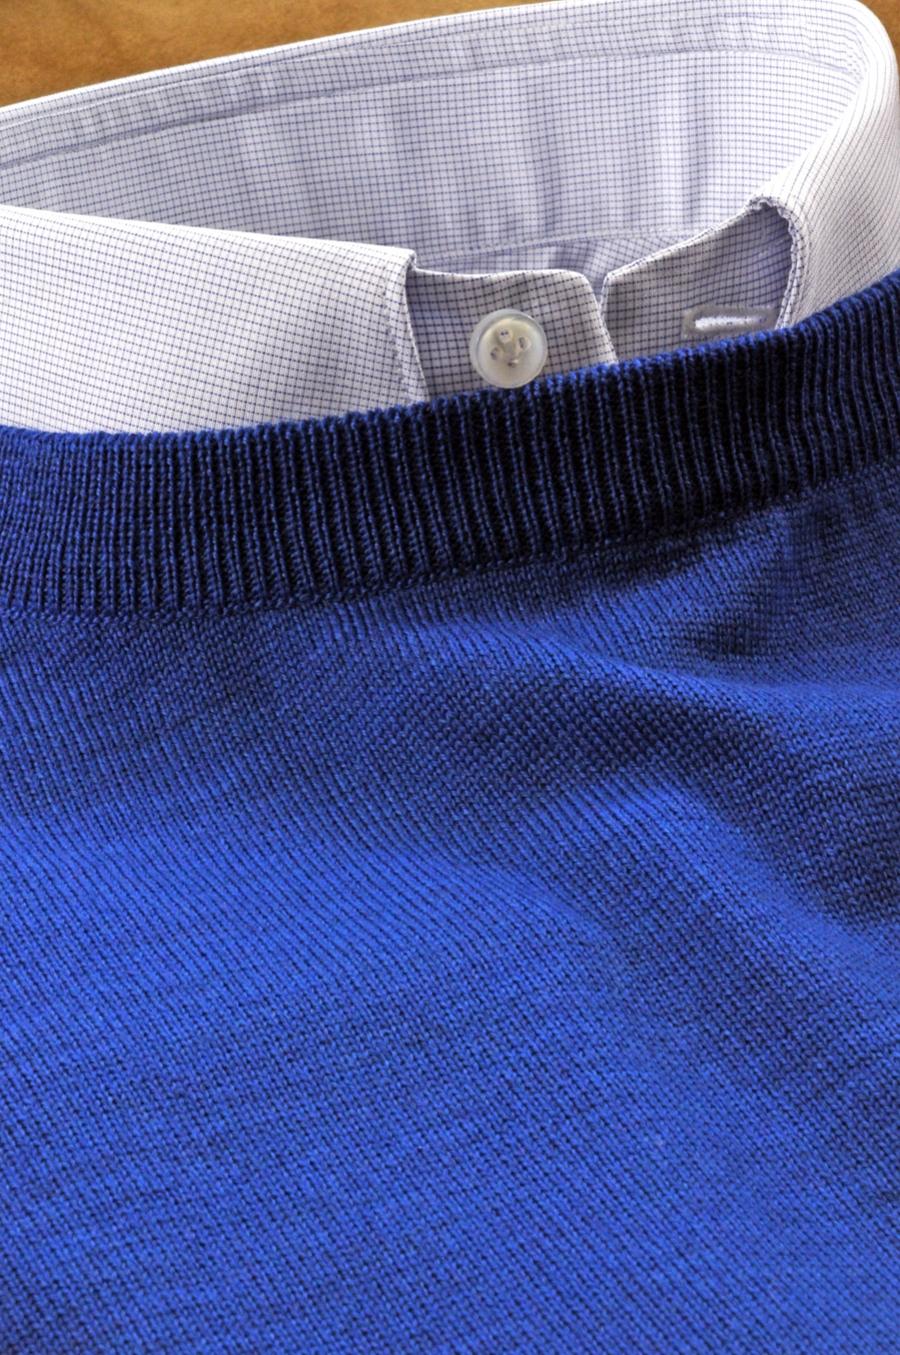 Pullover Girocollo Su Misura 100 Lana Merinos Ultrafine Colore Blu